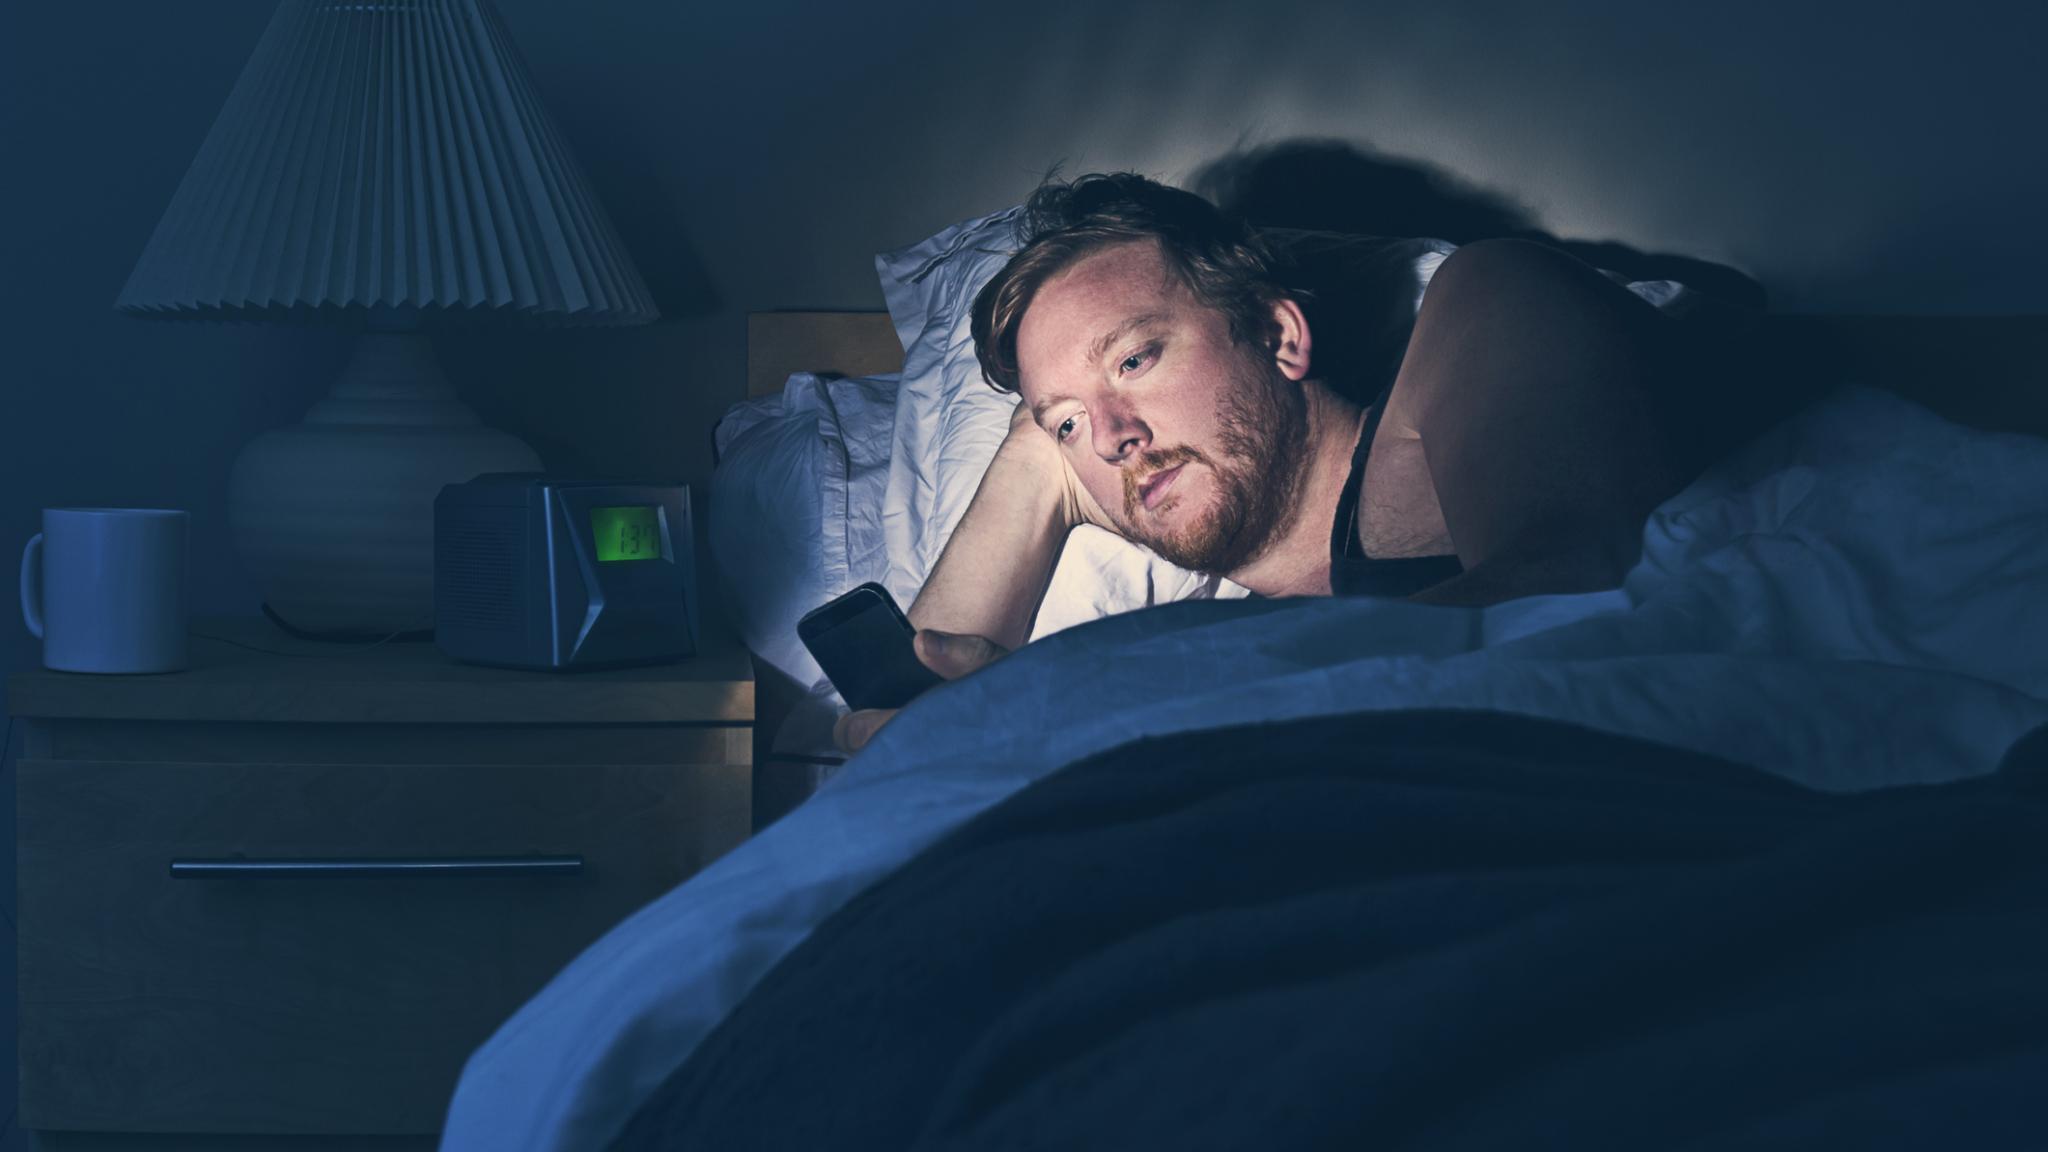 Временный недосып мотивировал людей заниматься бизнесом